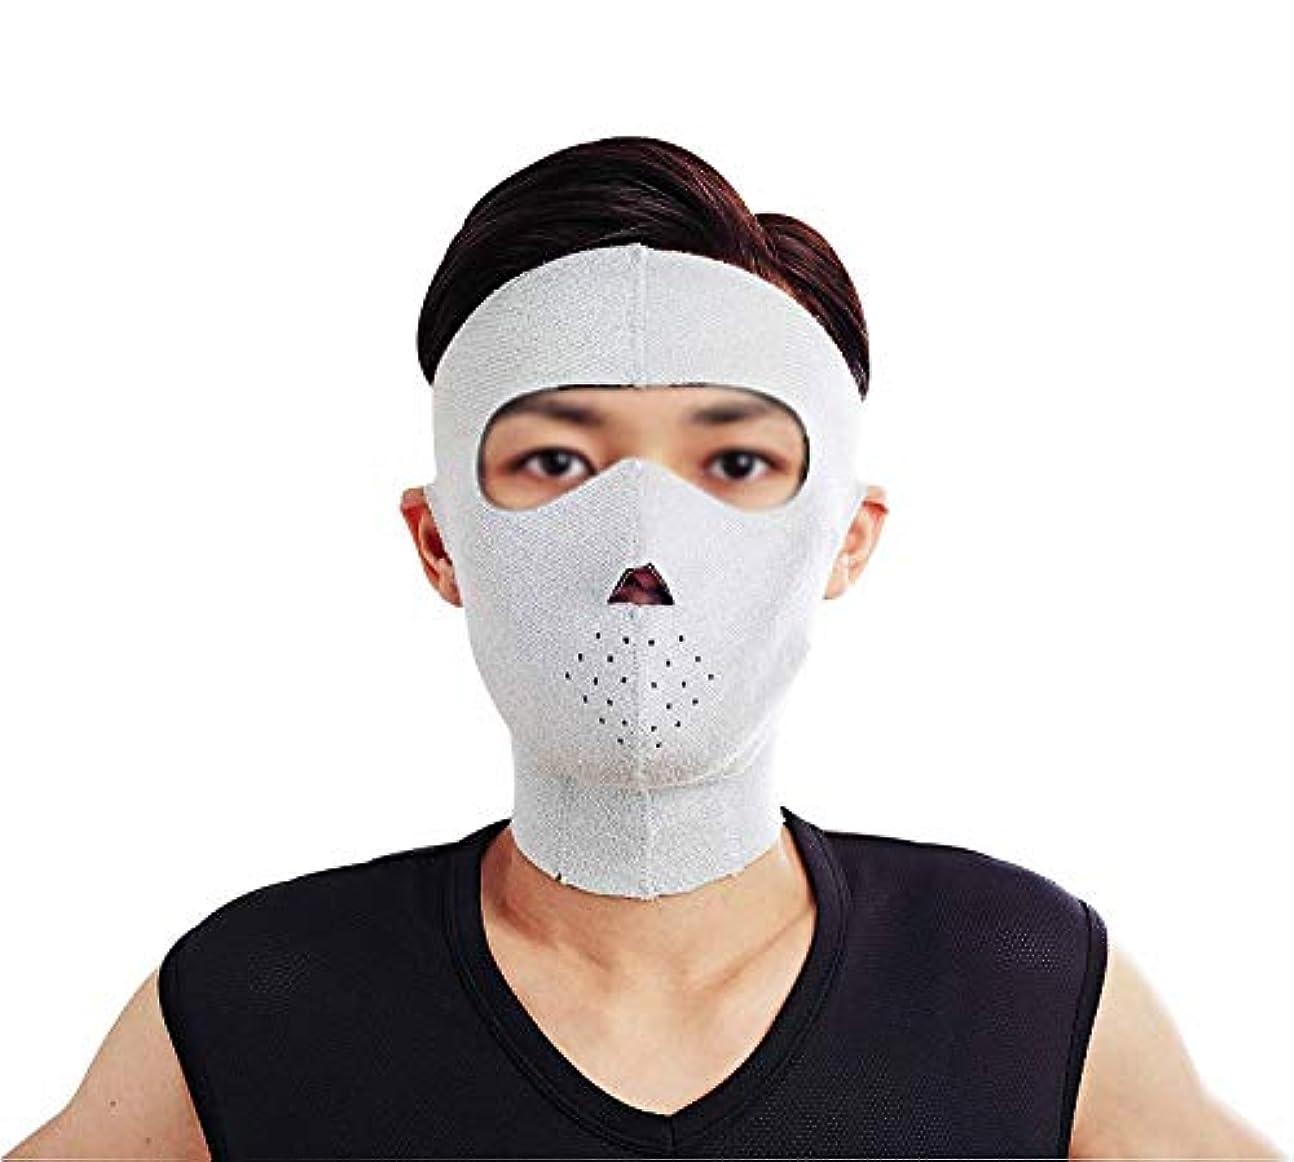 食用中毒原子TLMY 薄い顔のマスクのマスクと男性のネックバンドとの垂れ下がり防止の薄い顔のマスクの薄い顔のマスクのアーチファクトの美しさを引き締め 顔用整形マスク